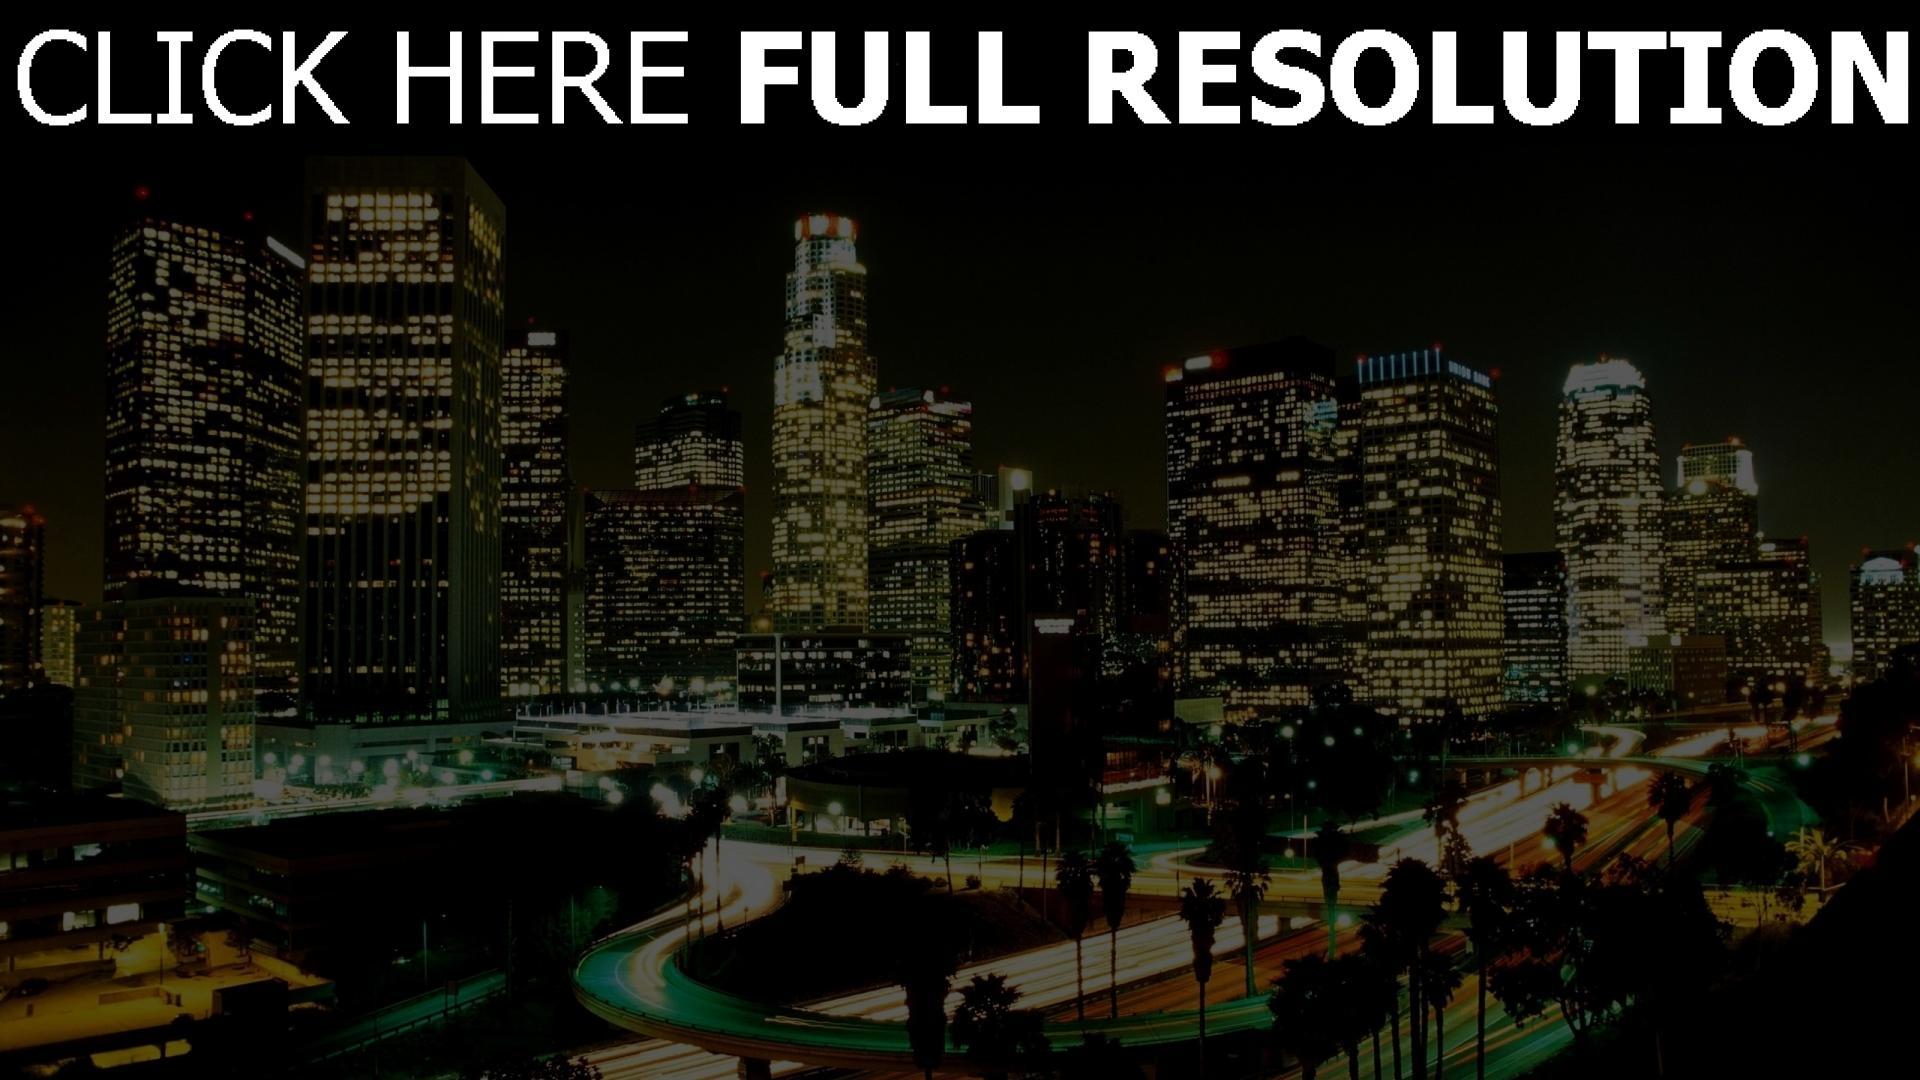 Herunterladen 1920x1080 Full Hd Hintergrundbilder Stadt Stra 223 E Wolkenkratzer Nacht Los Angeles 1080p